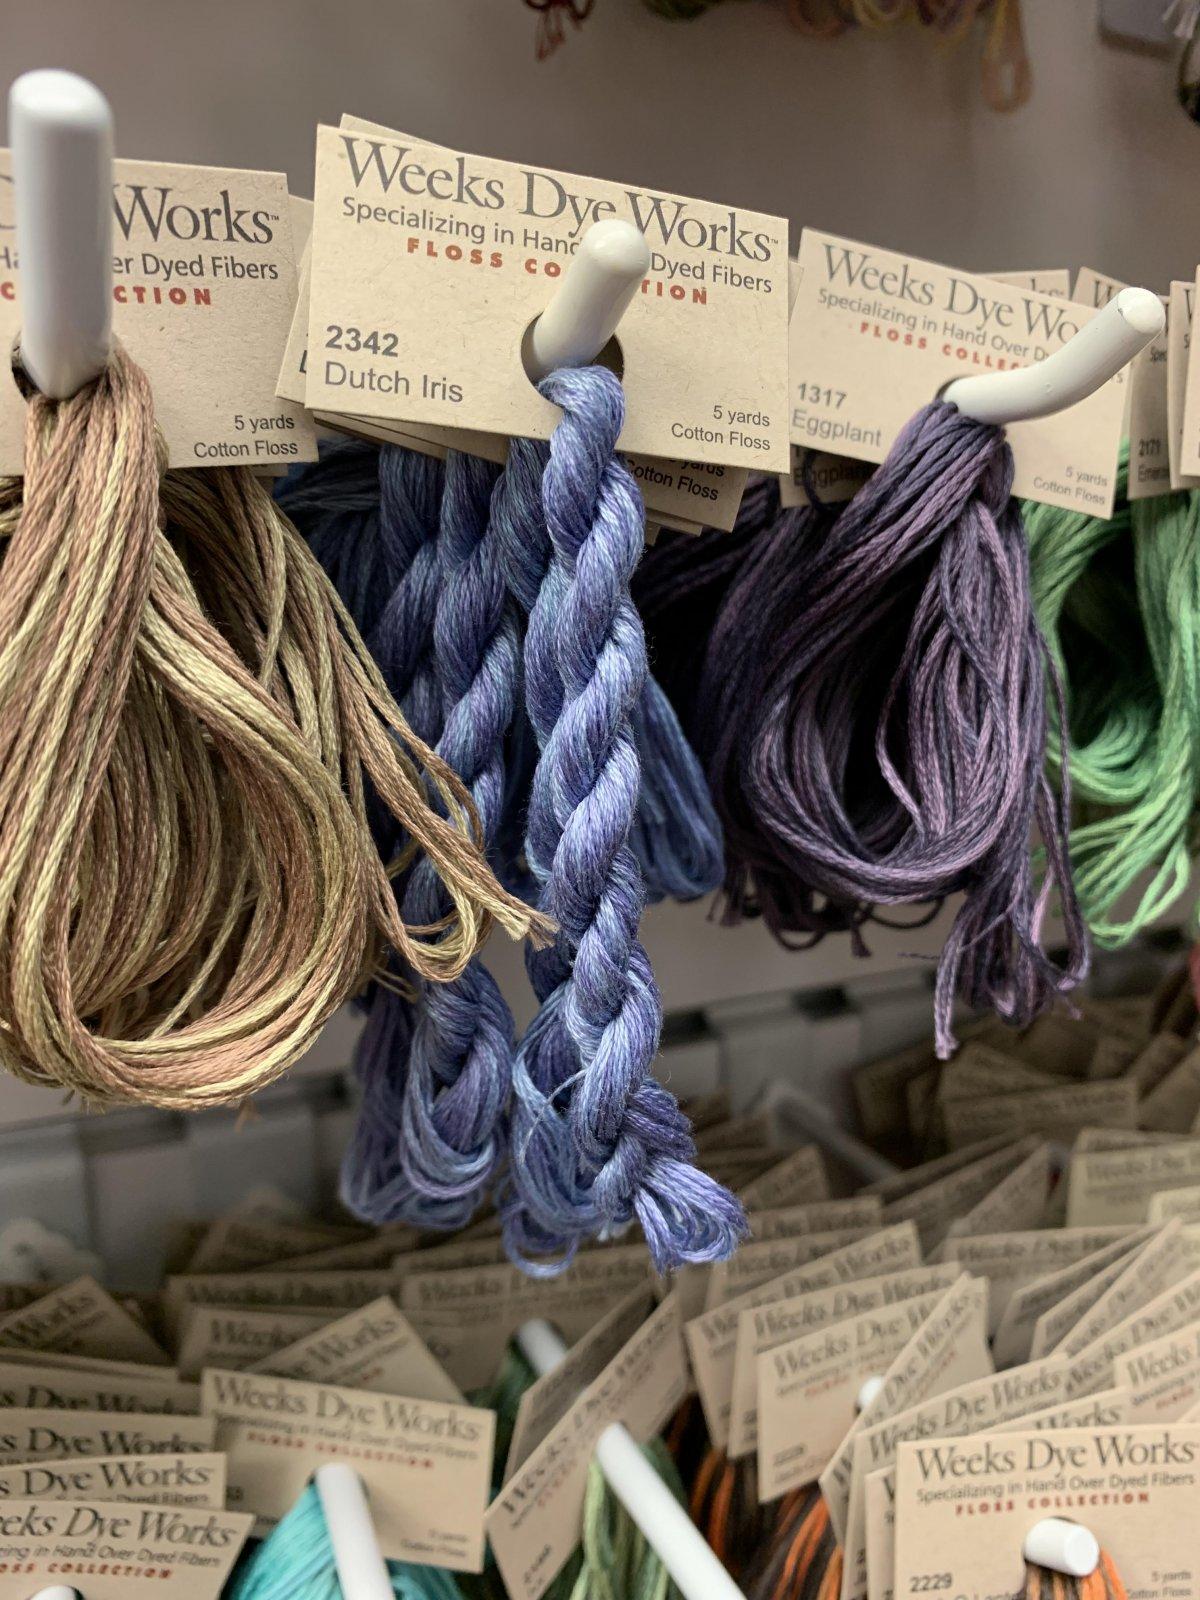 Weeks Dye Works (WDW) - Floss